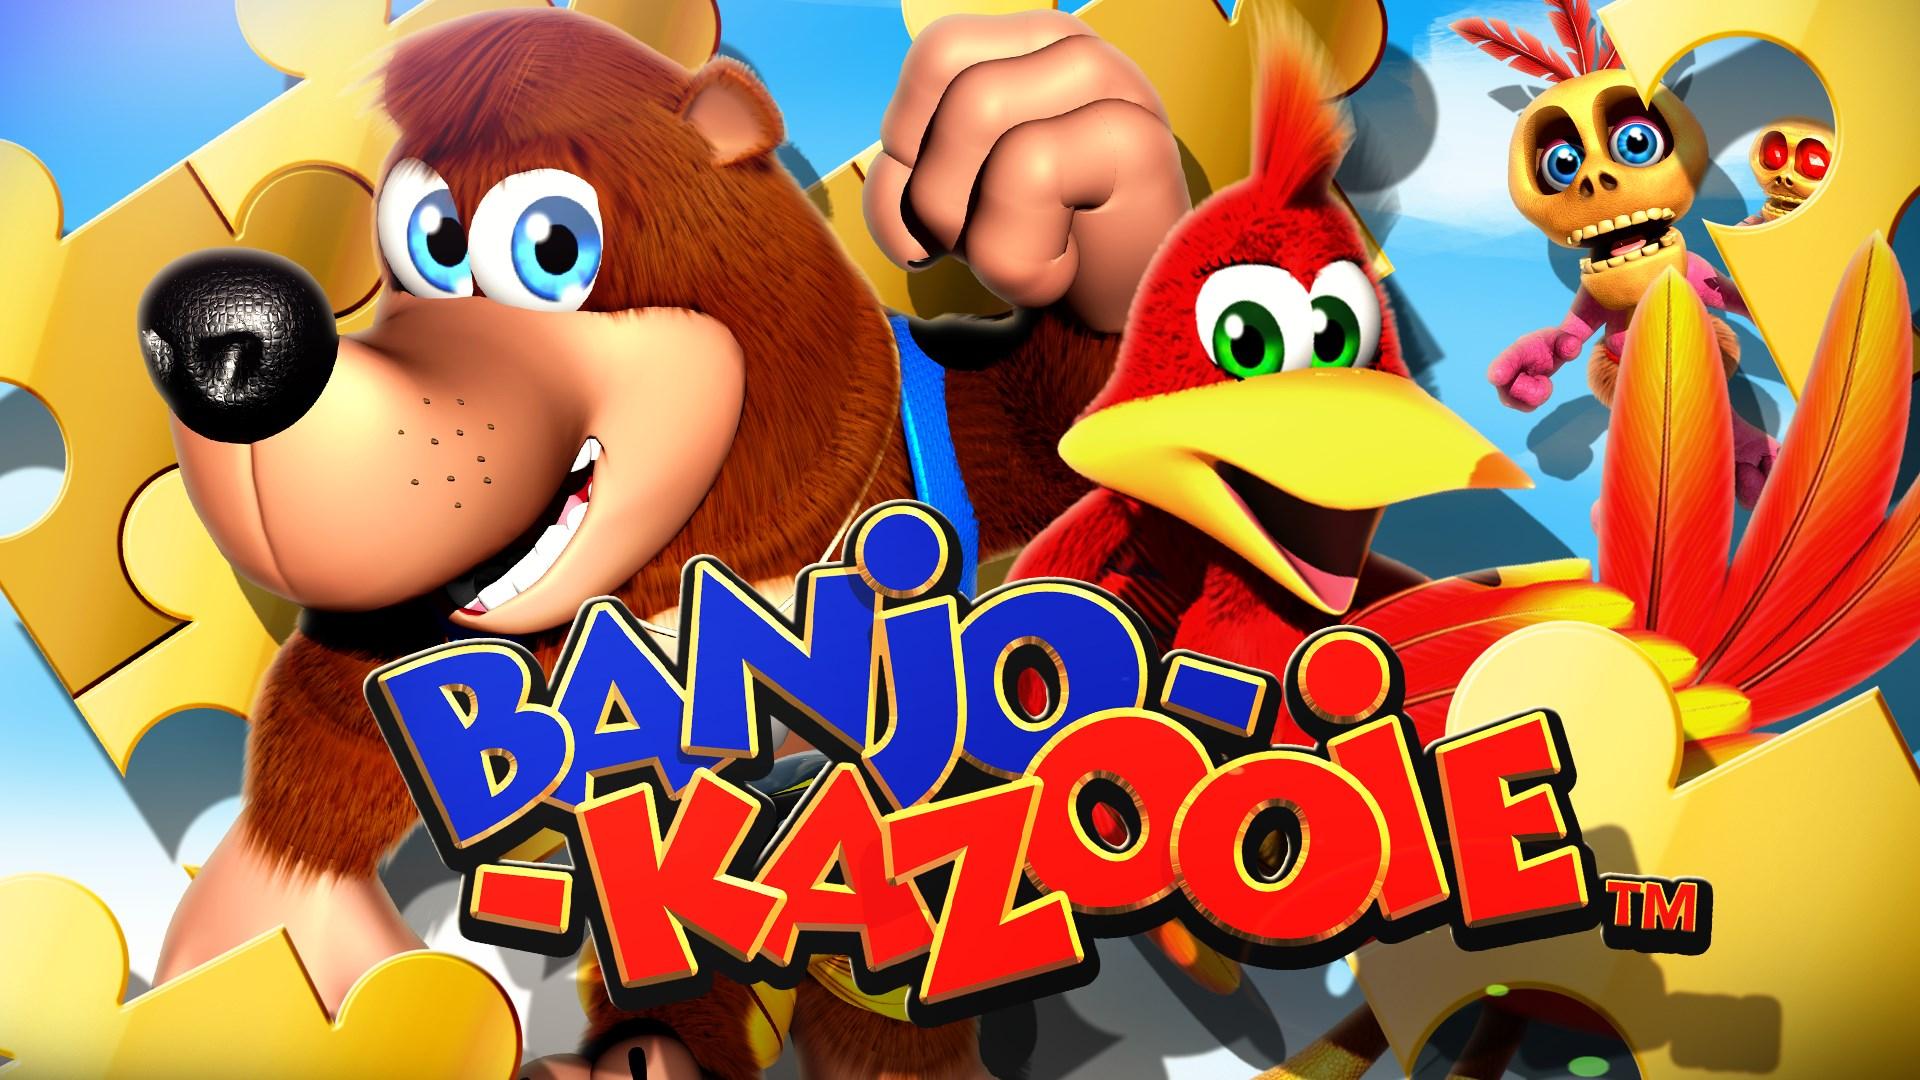 Buy Banjo-Kazooie - xbox gamepass ultimate